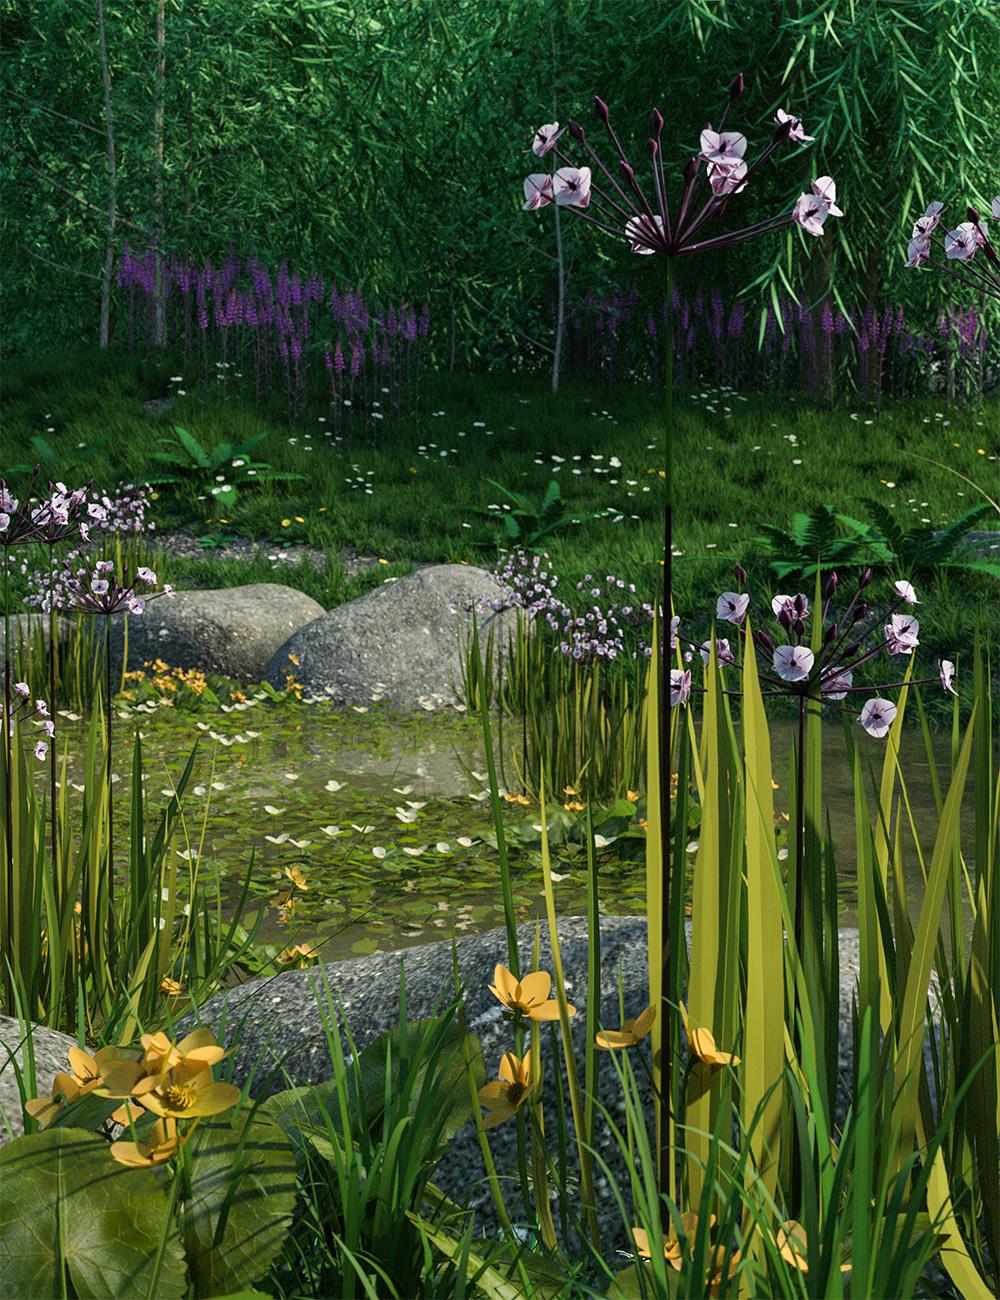 Wild Flowers - Water Plants vol 1 by: MartinJFrost, 3D Models by Daz 3D